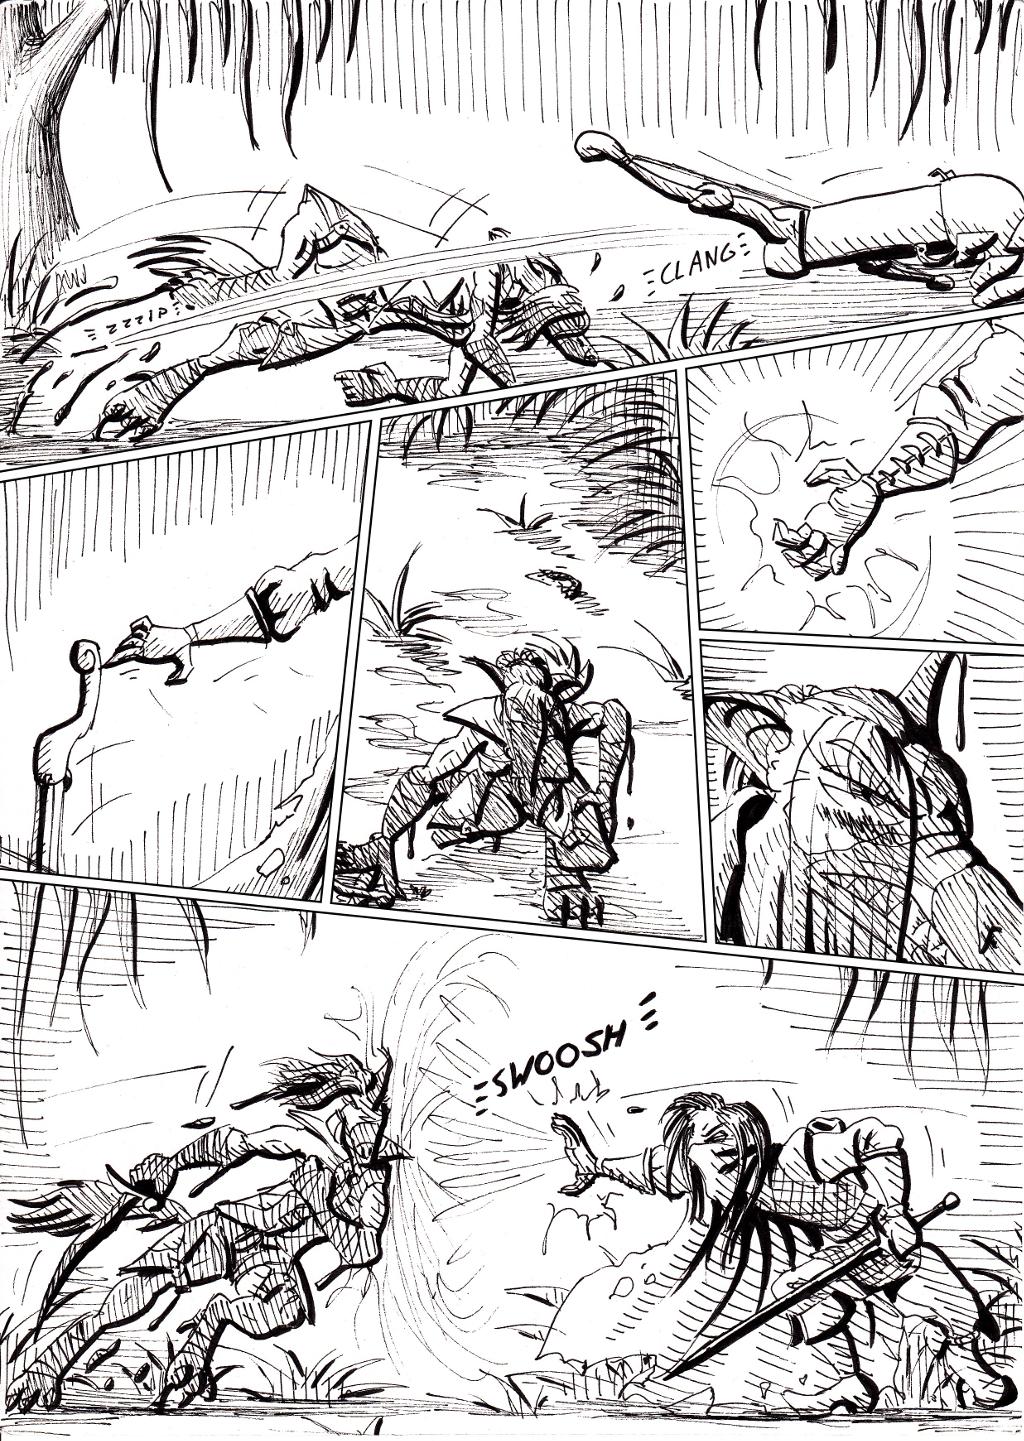 Wordless action comics! Yay!